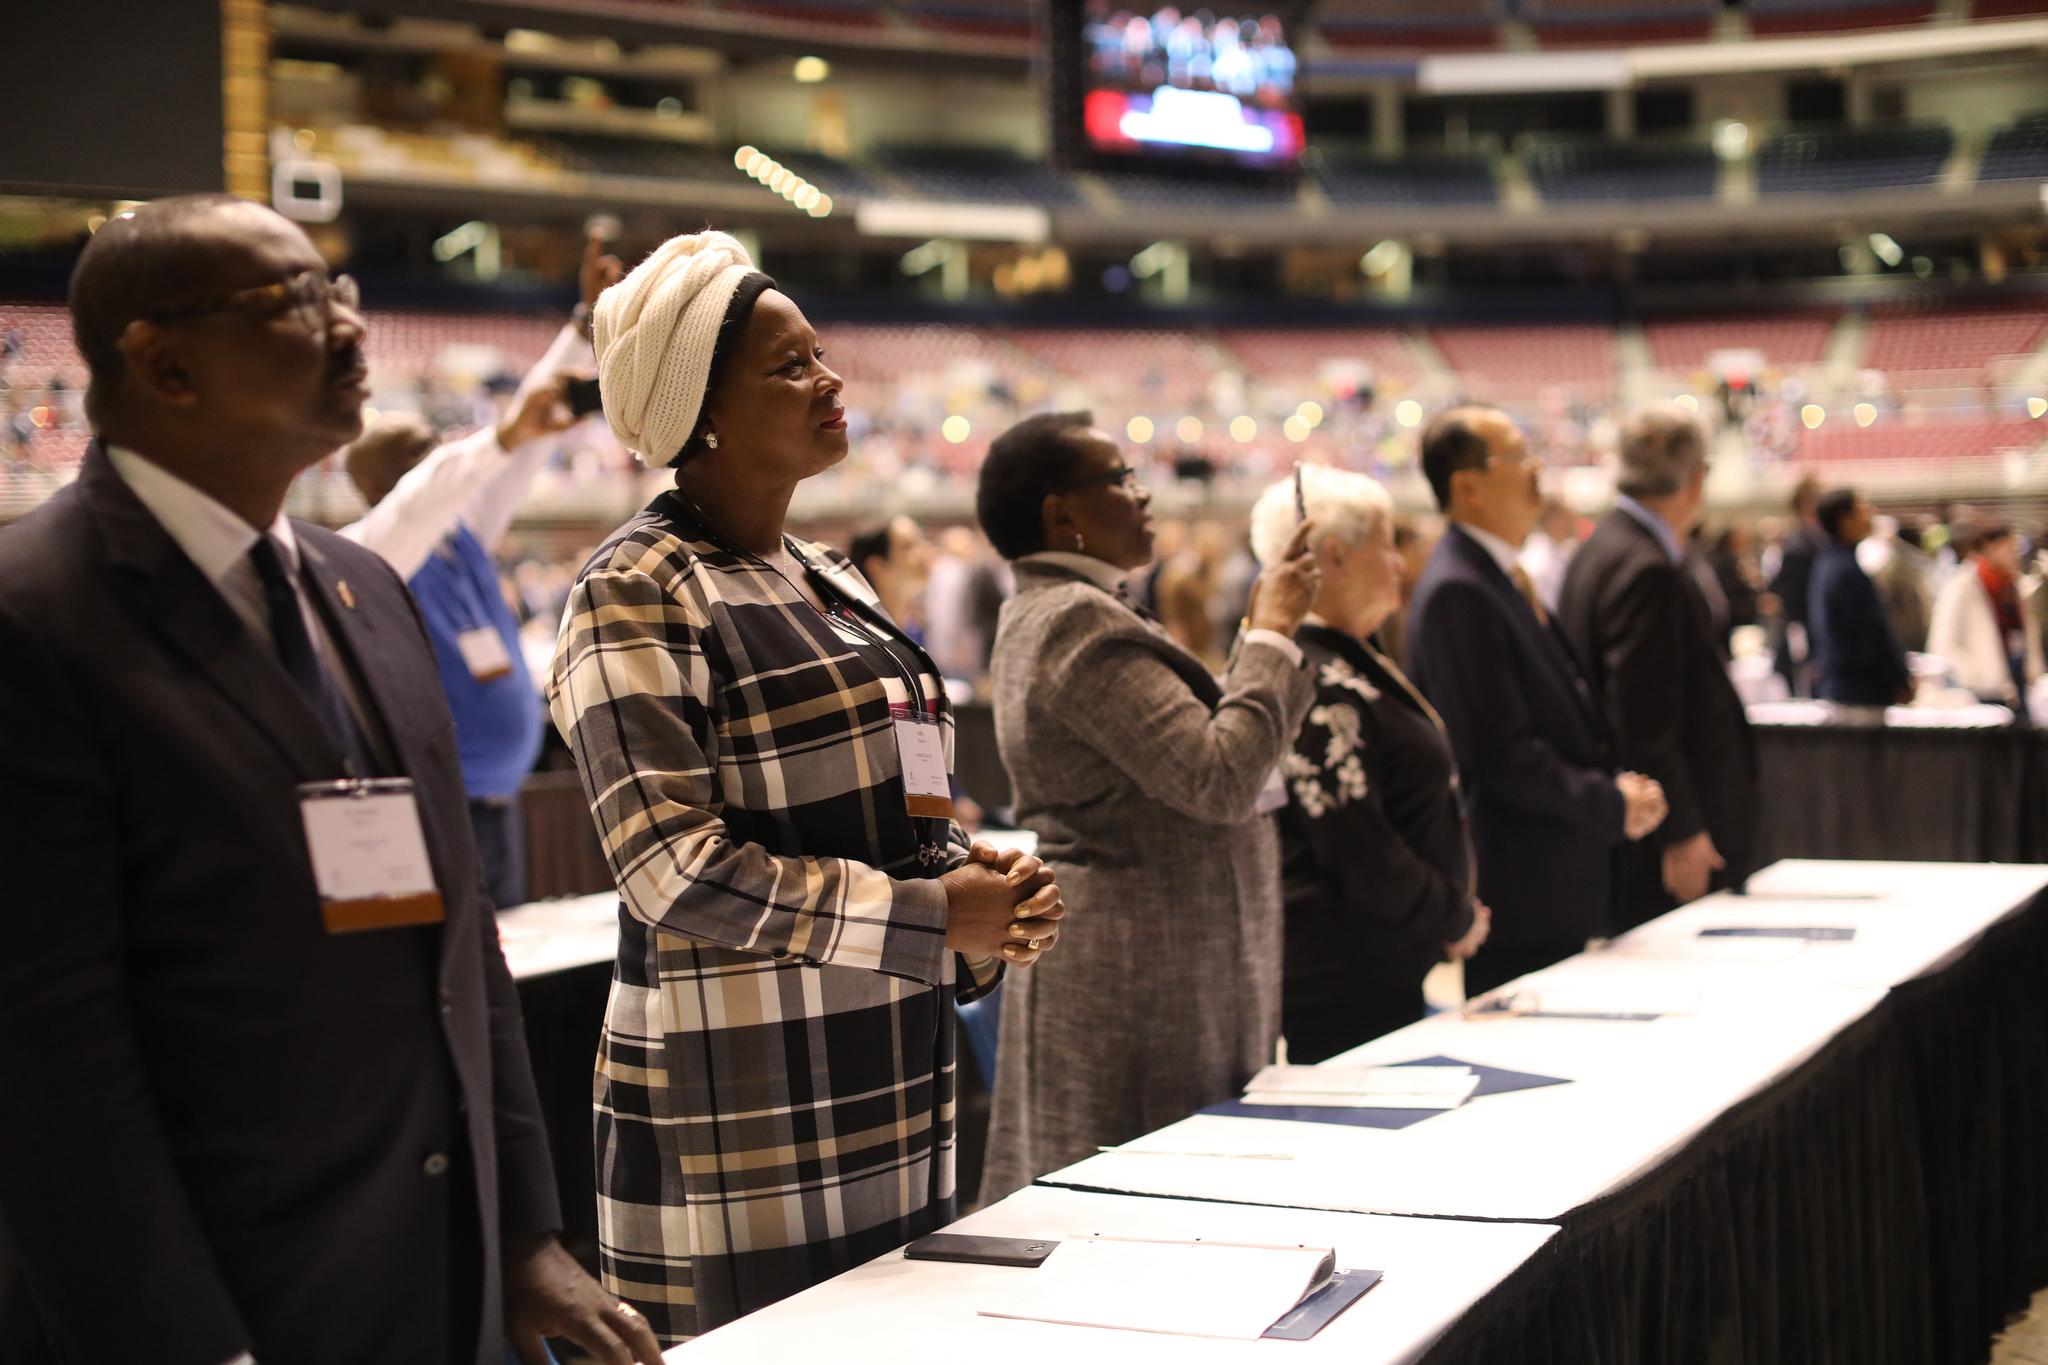 Les membres du Conseil Judiciaire lors de la matinée de prière du 23 février pendant la session extraordinaire de la Conférence Générale de l'Eglise Méthodiste Unie de 2019 à Saint-Louis. Photo de Kathleen Barry, UMNS.